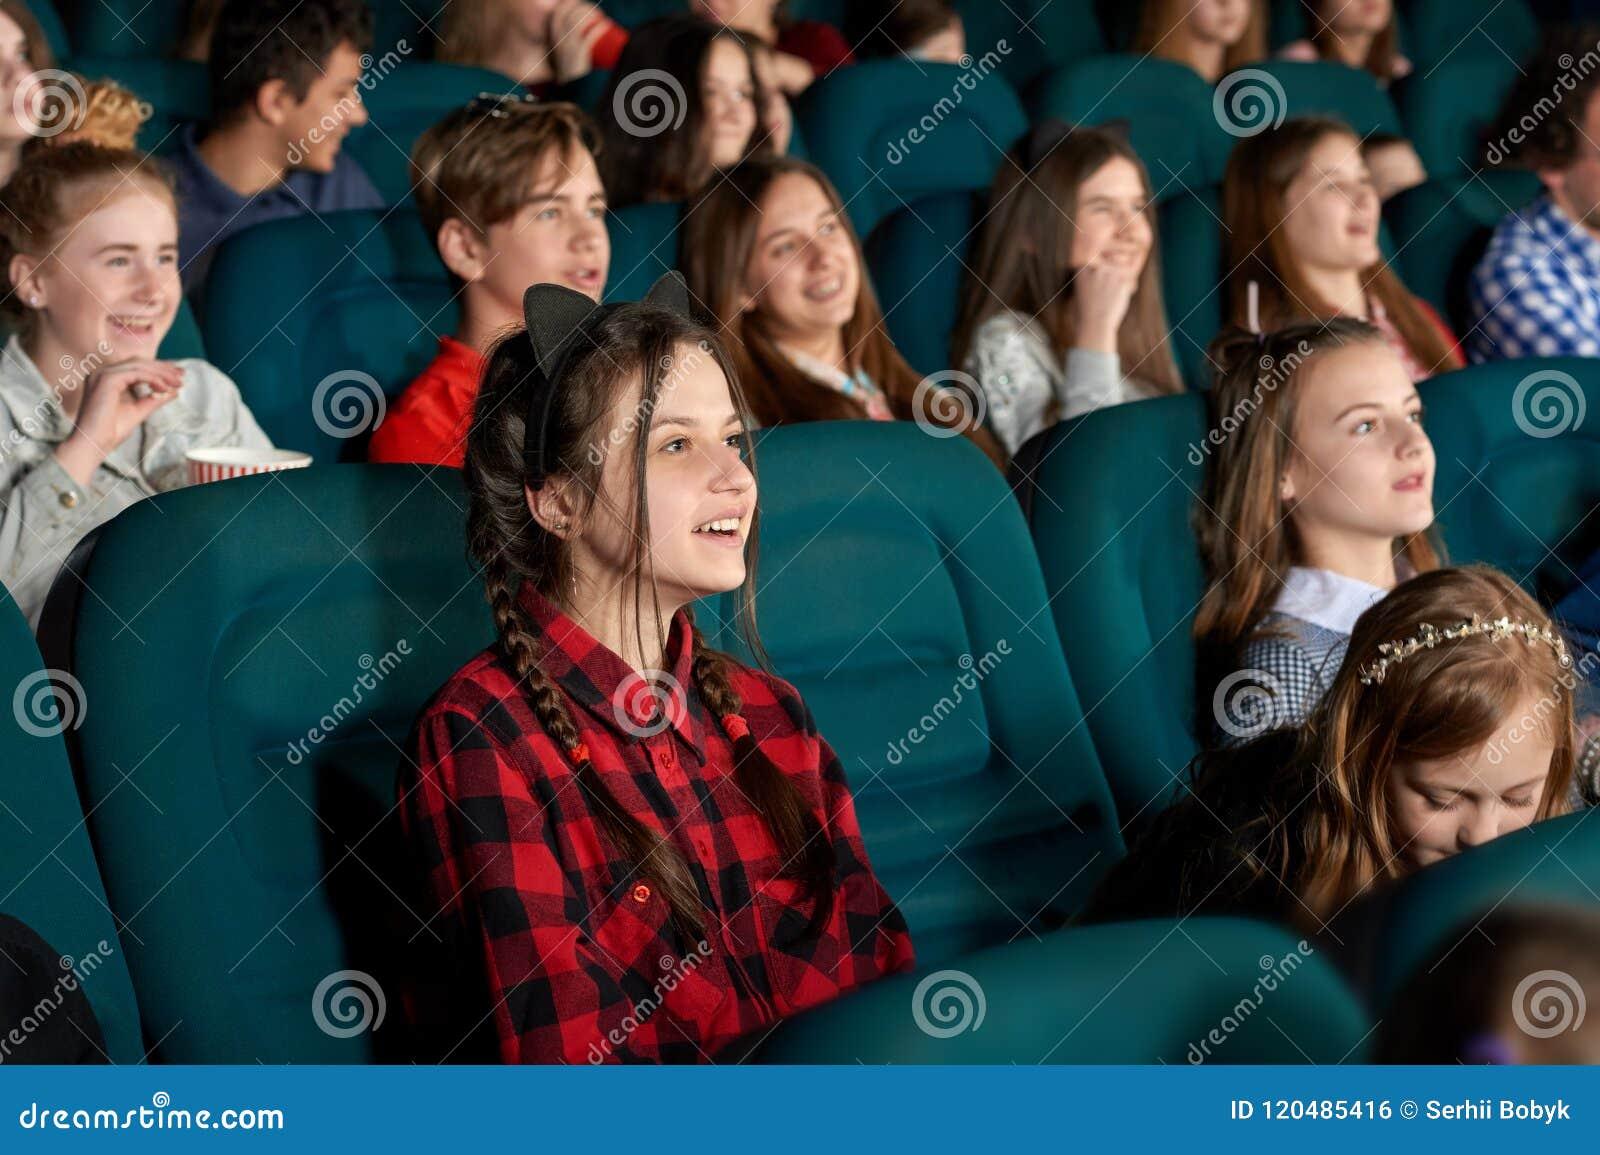 Film de observation de la jeunesse et rire dans le cinéma